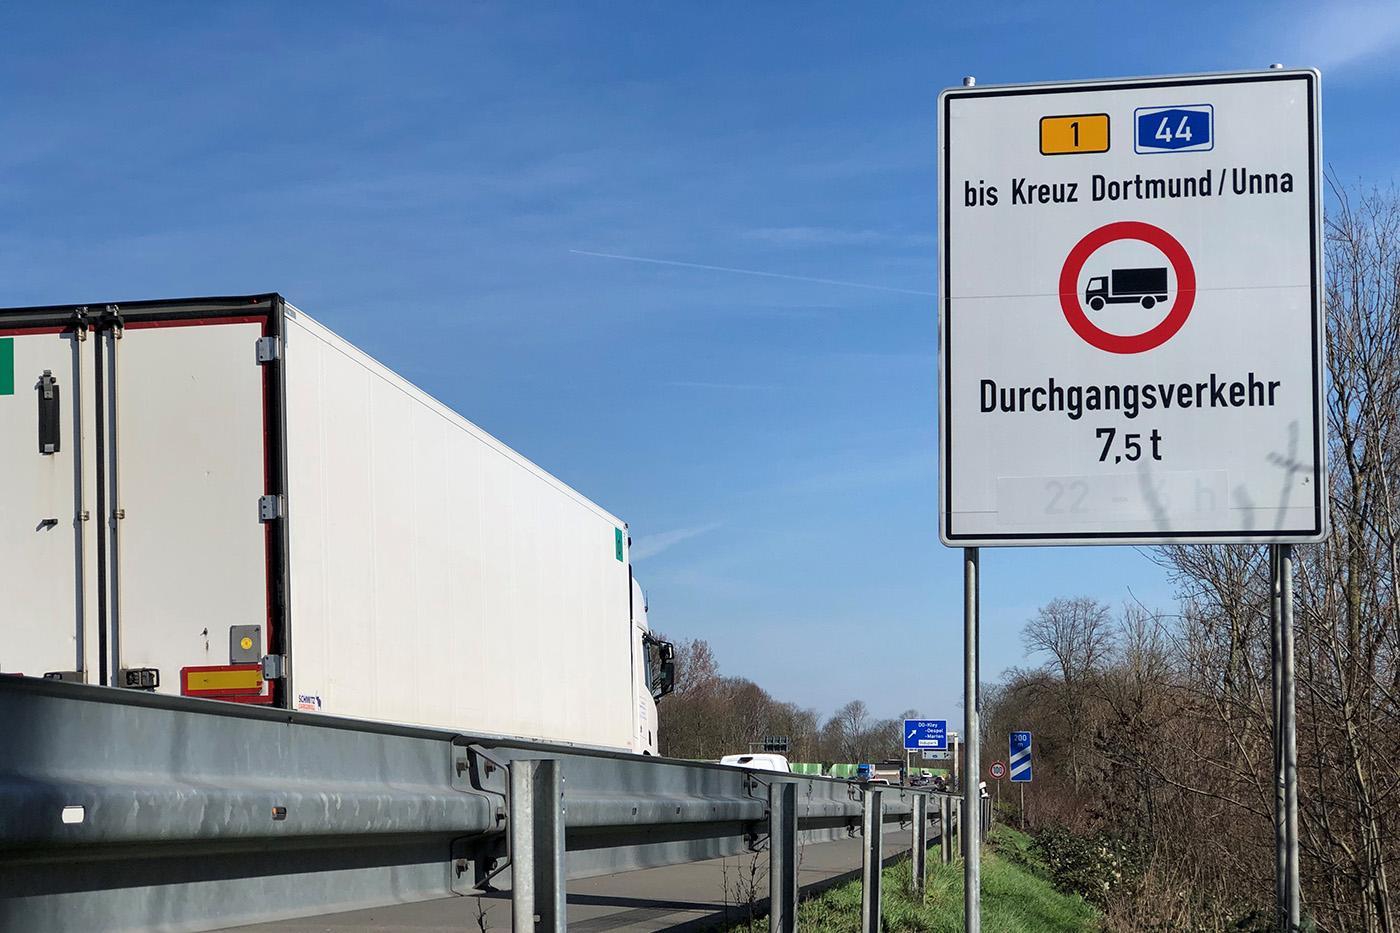 Interdicție de circulație pentru vehiculele comerciale de peste 7.5 tone în zona Dortmund